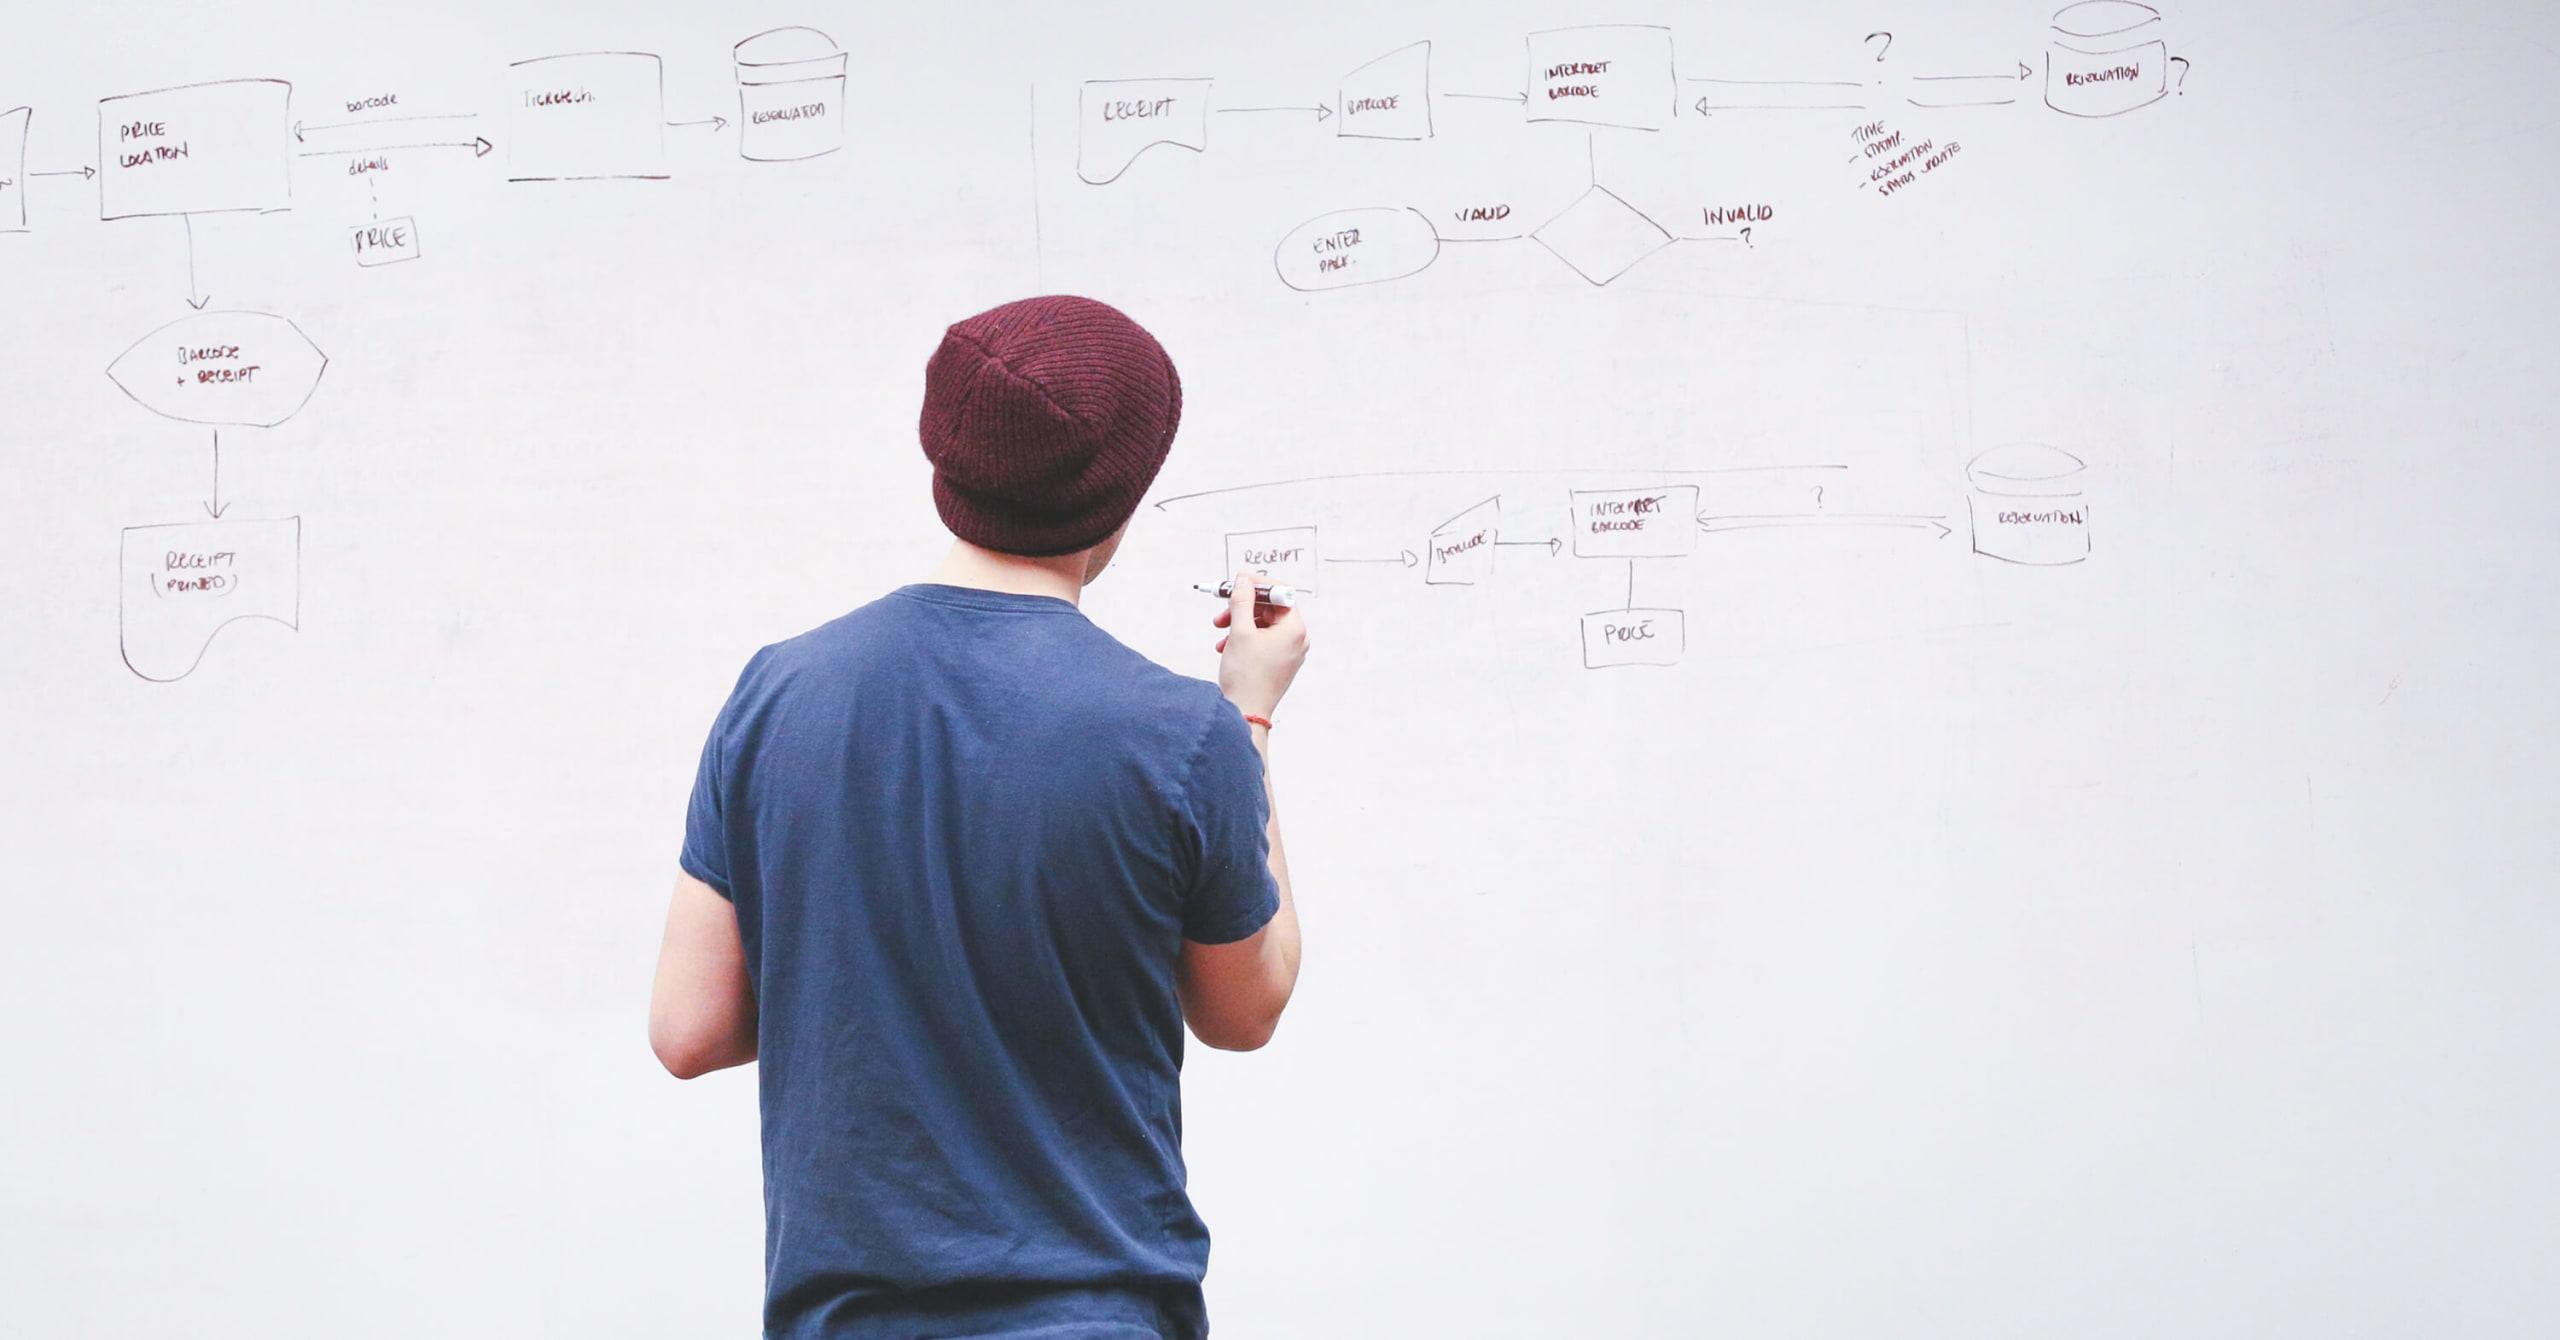 Silikon Vadisi'ne gelecek girişimciler için öneriler – 1